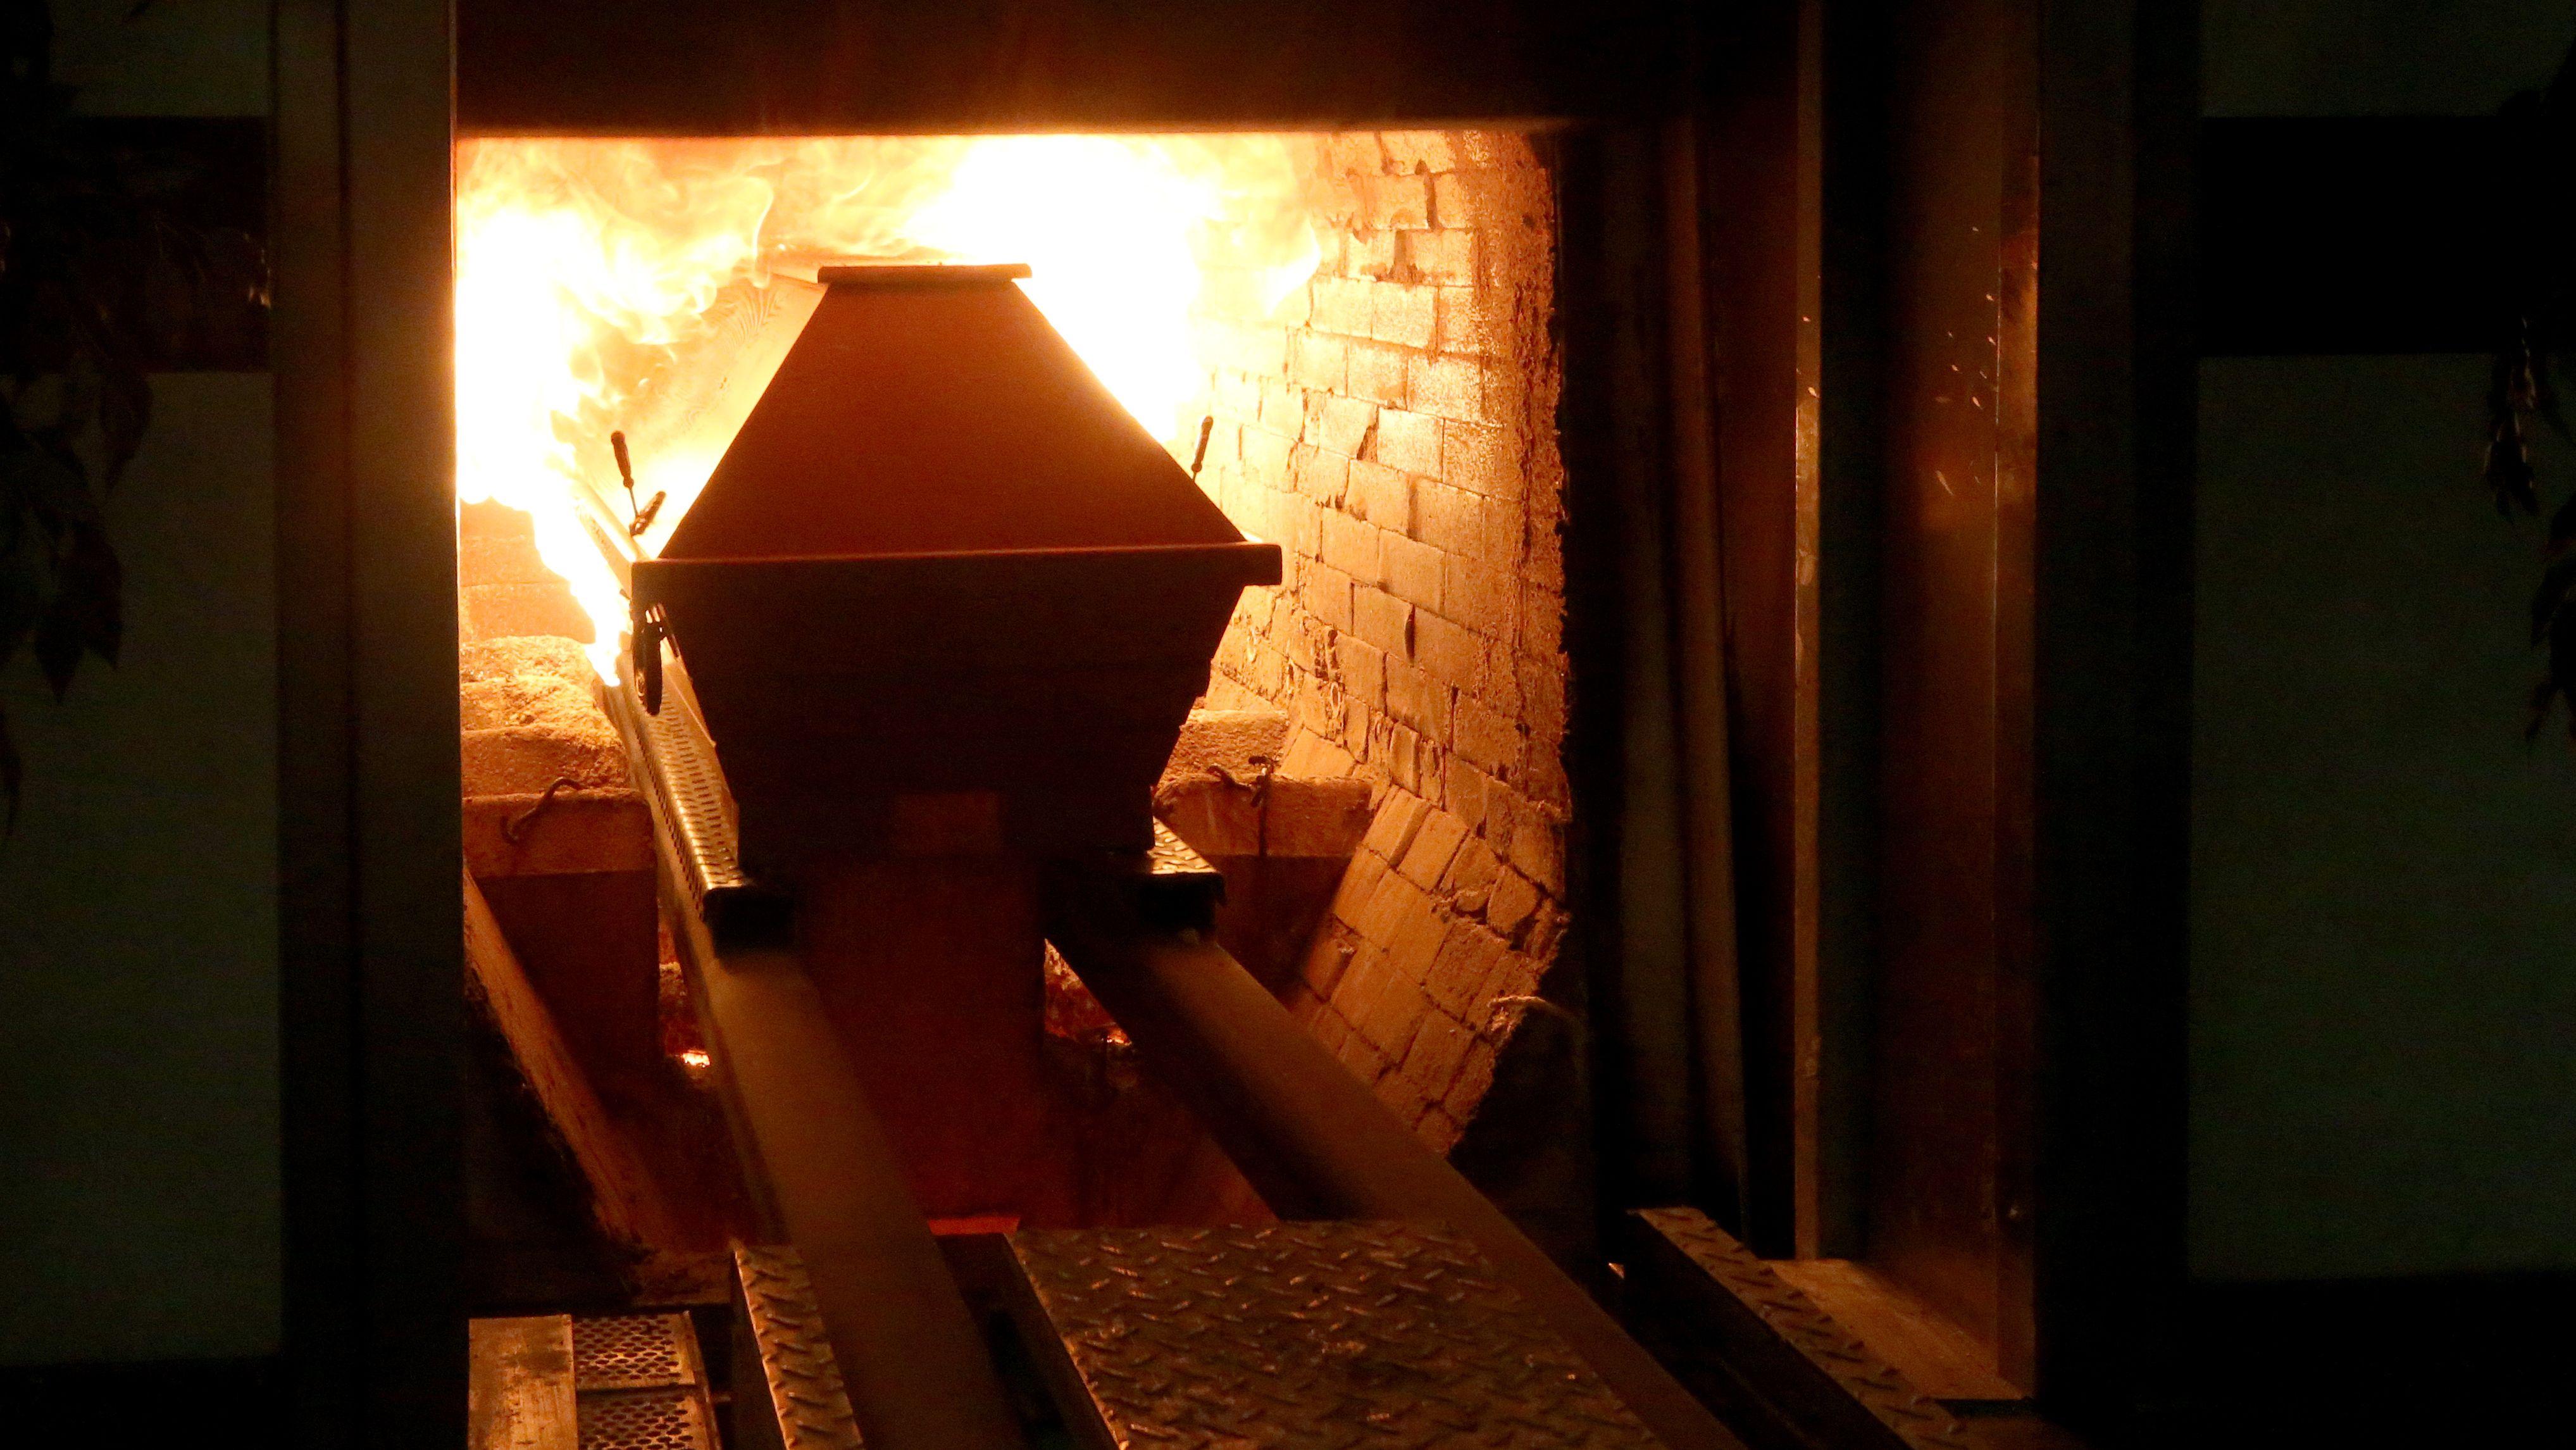 Feuerbestattung: Ein Sarg wird in den Krematoriumsofen geschoben